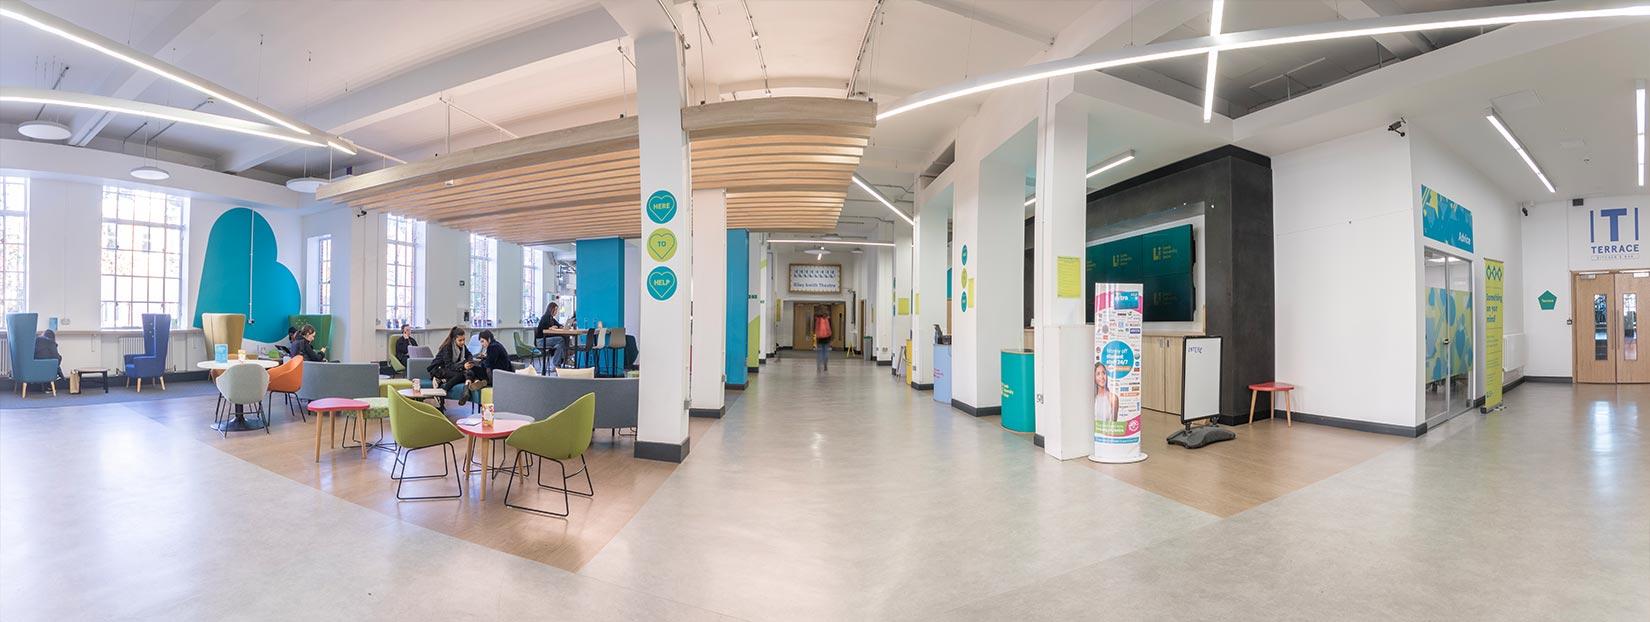 University of Leeds Students Union, Main Entrance Foyer